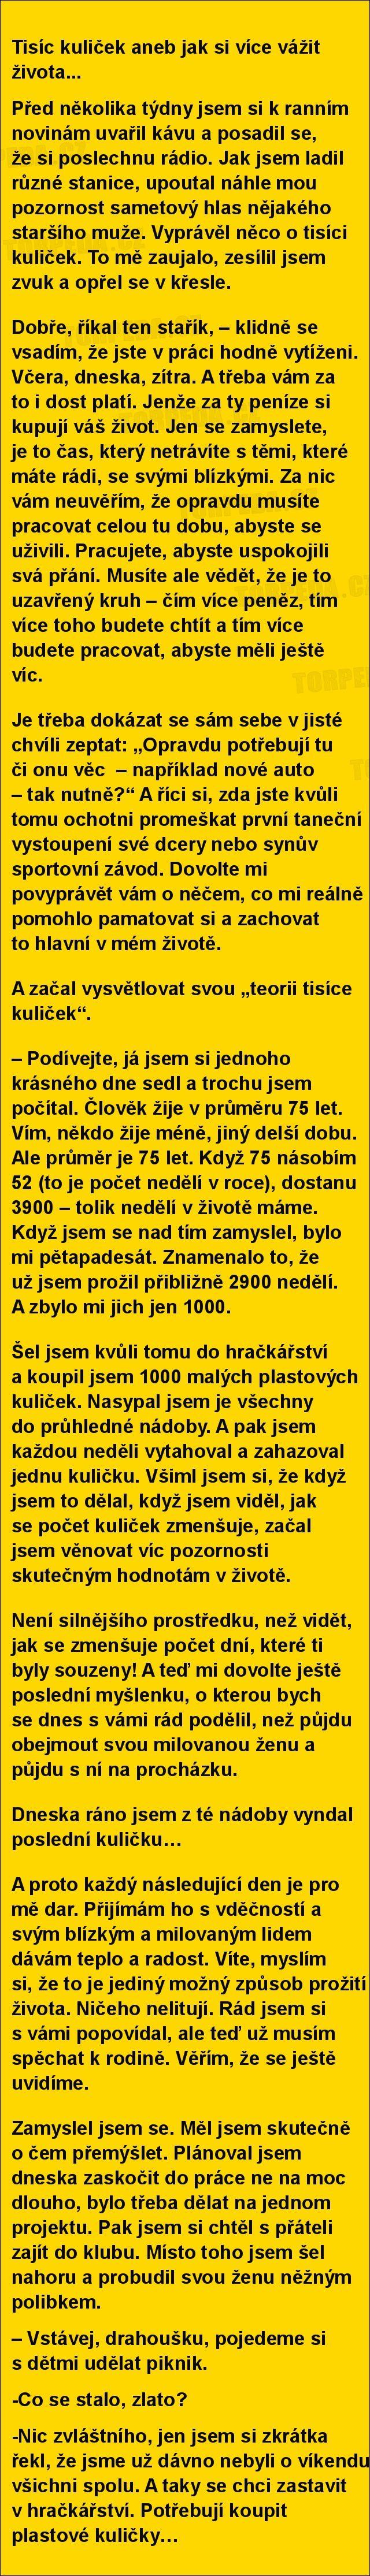 Tisíc kuliček aneb jak si více vážit života... | torpeda.cz - vtipné obrázky, vtipy a videa